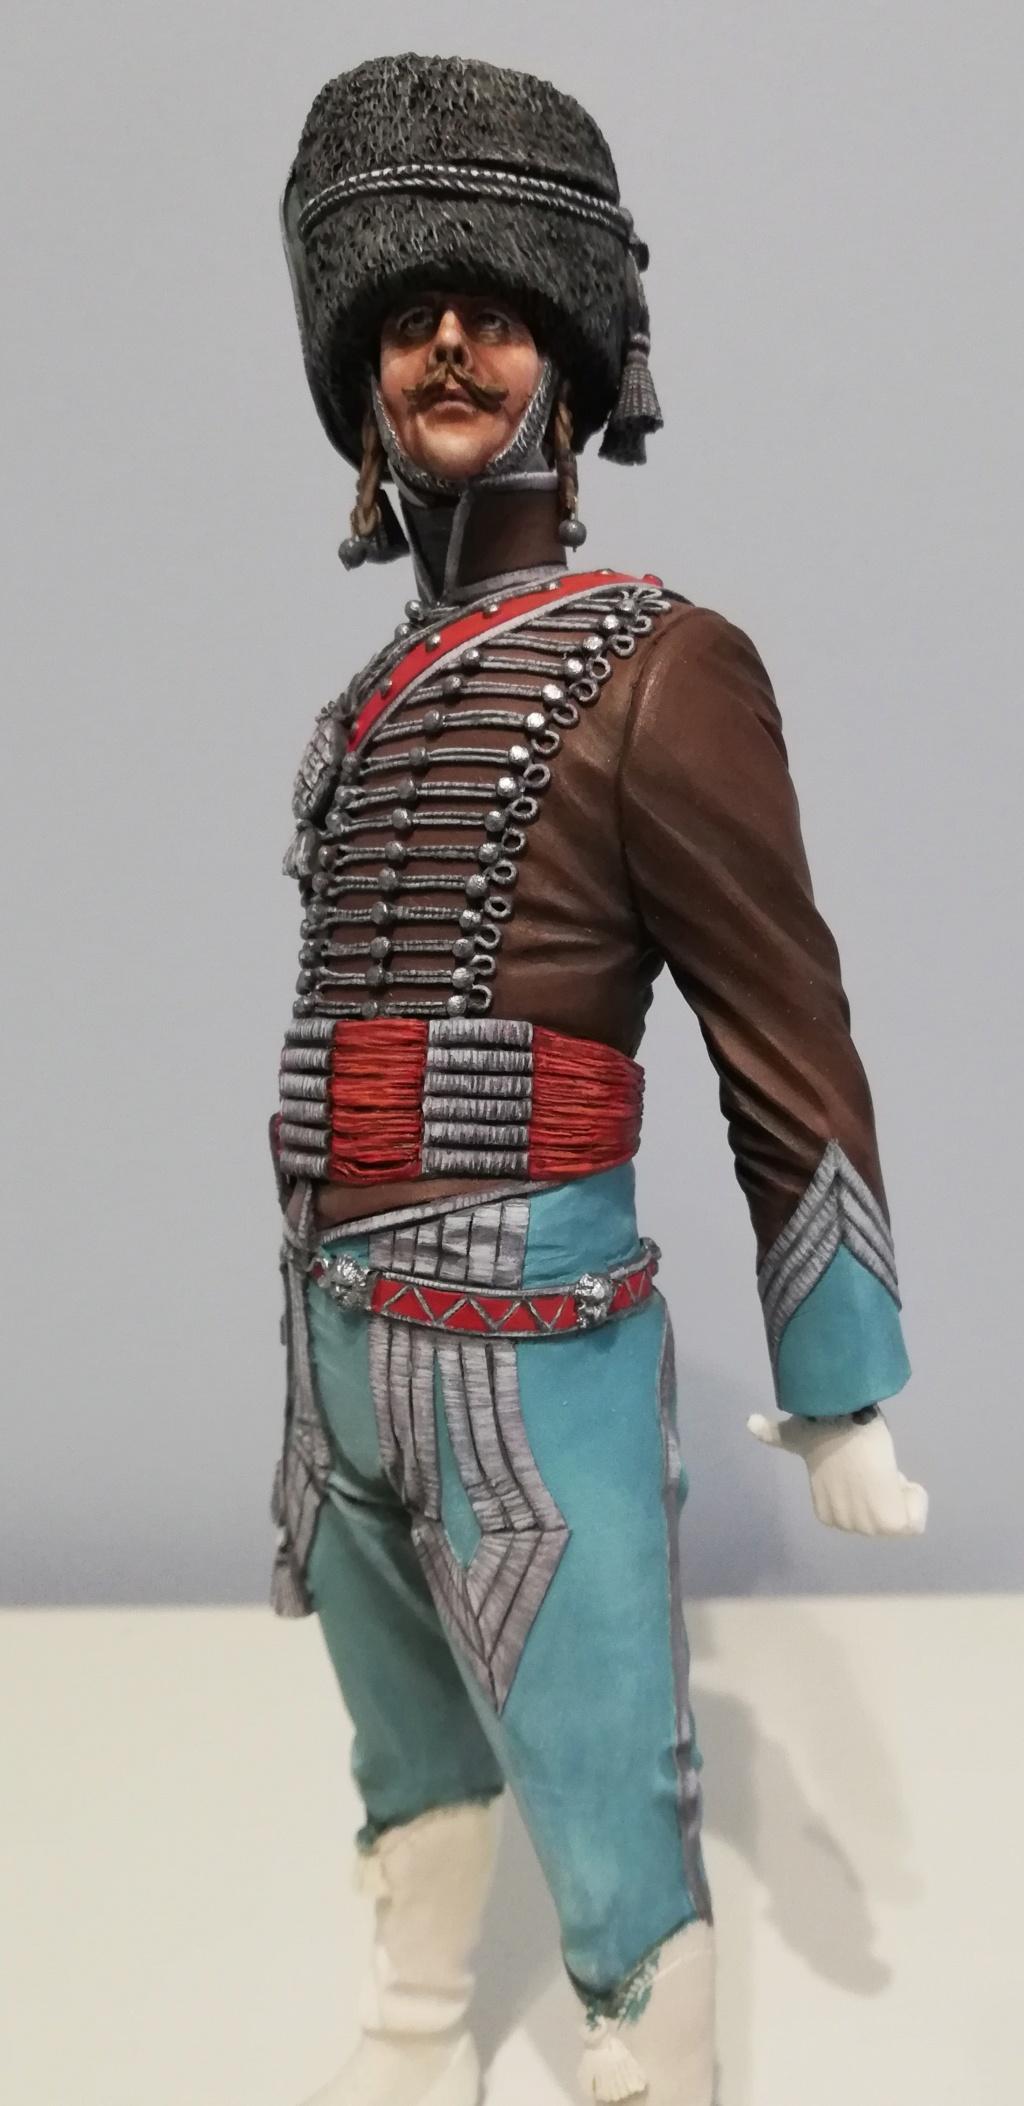 Capitaine du 2ème régiment de Hussards - Terminé - Page 2 Capita40